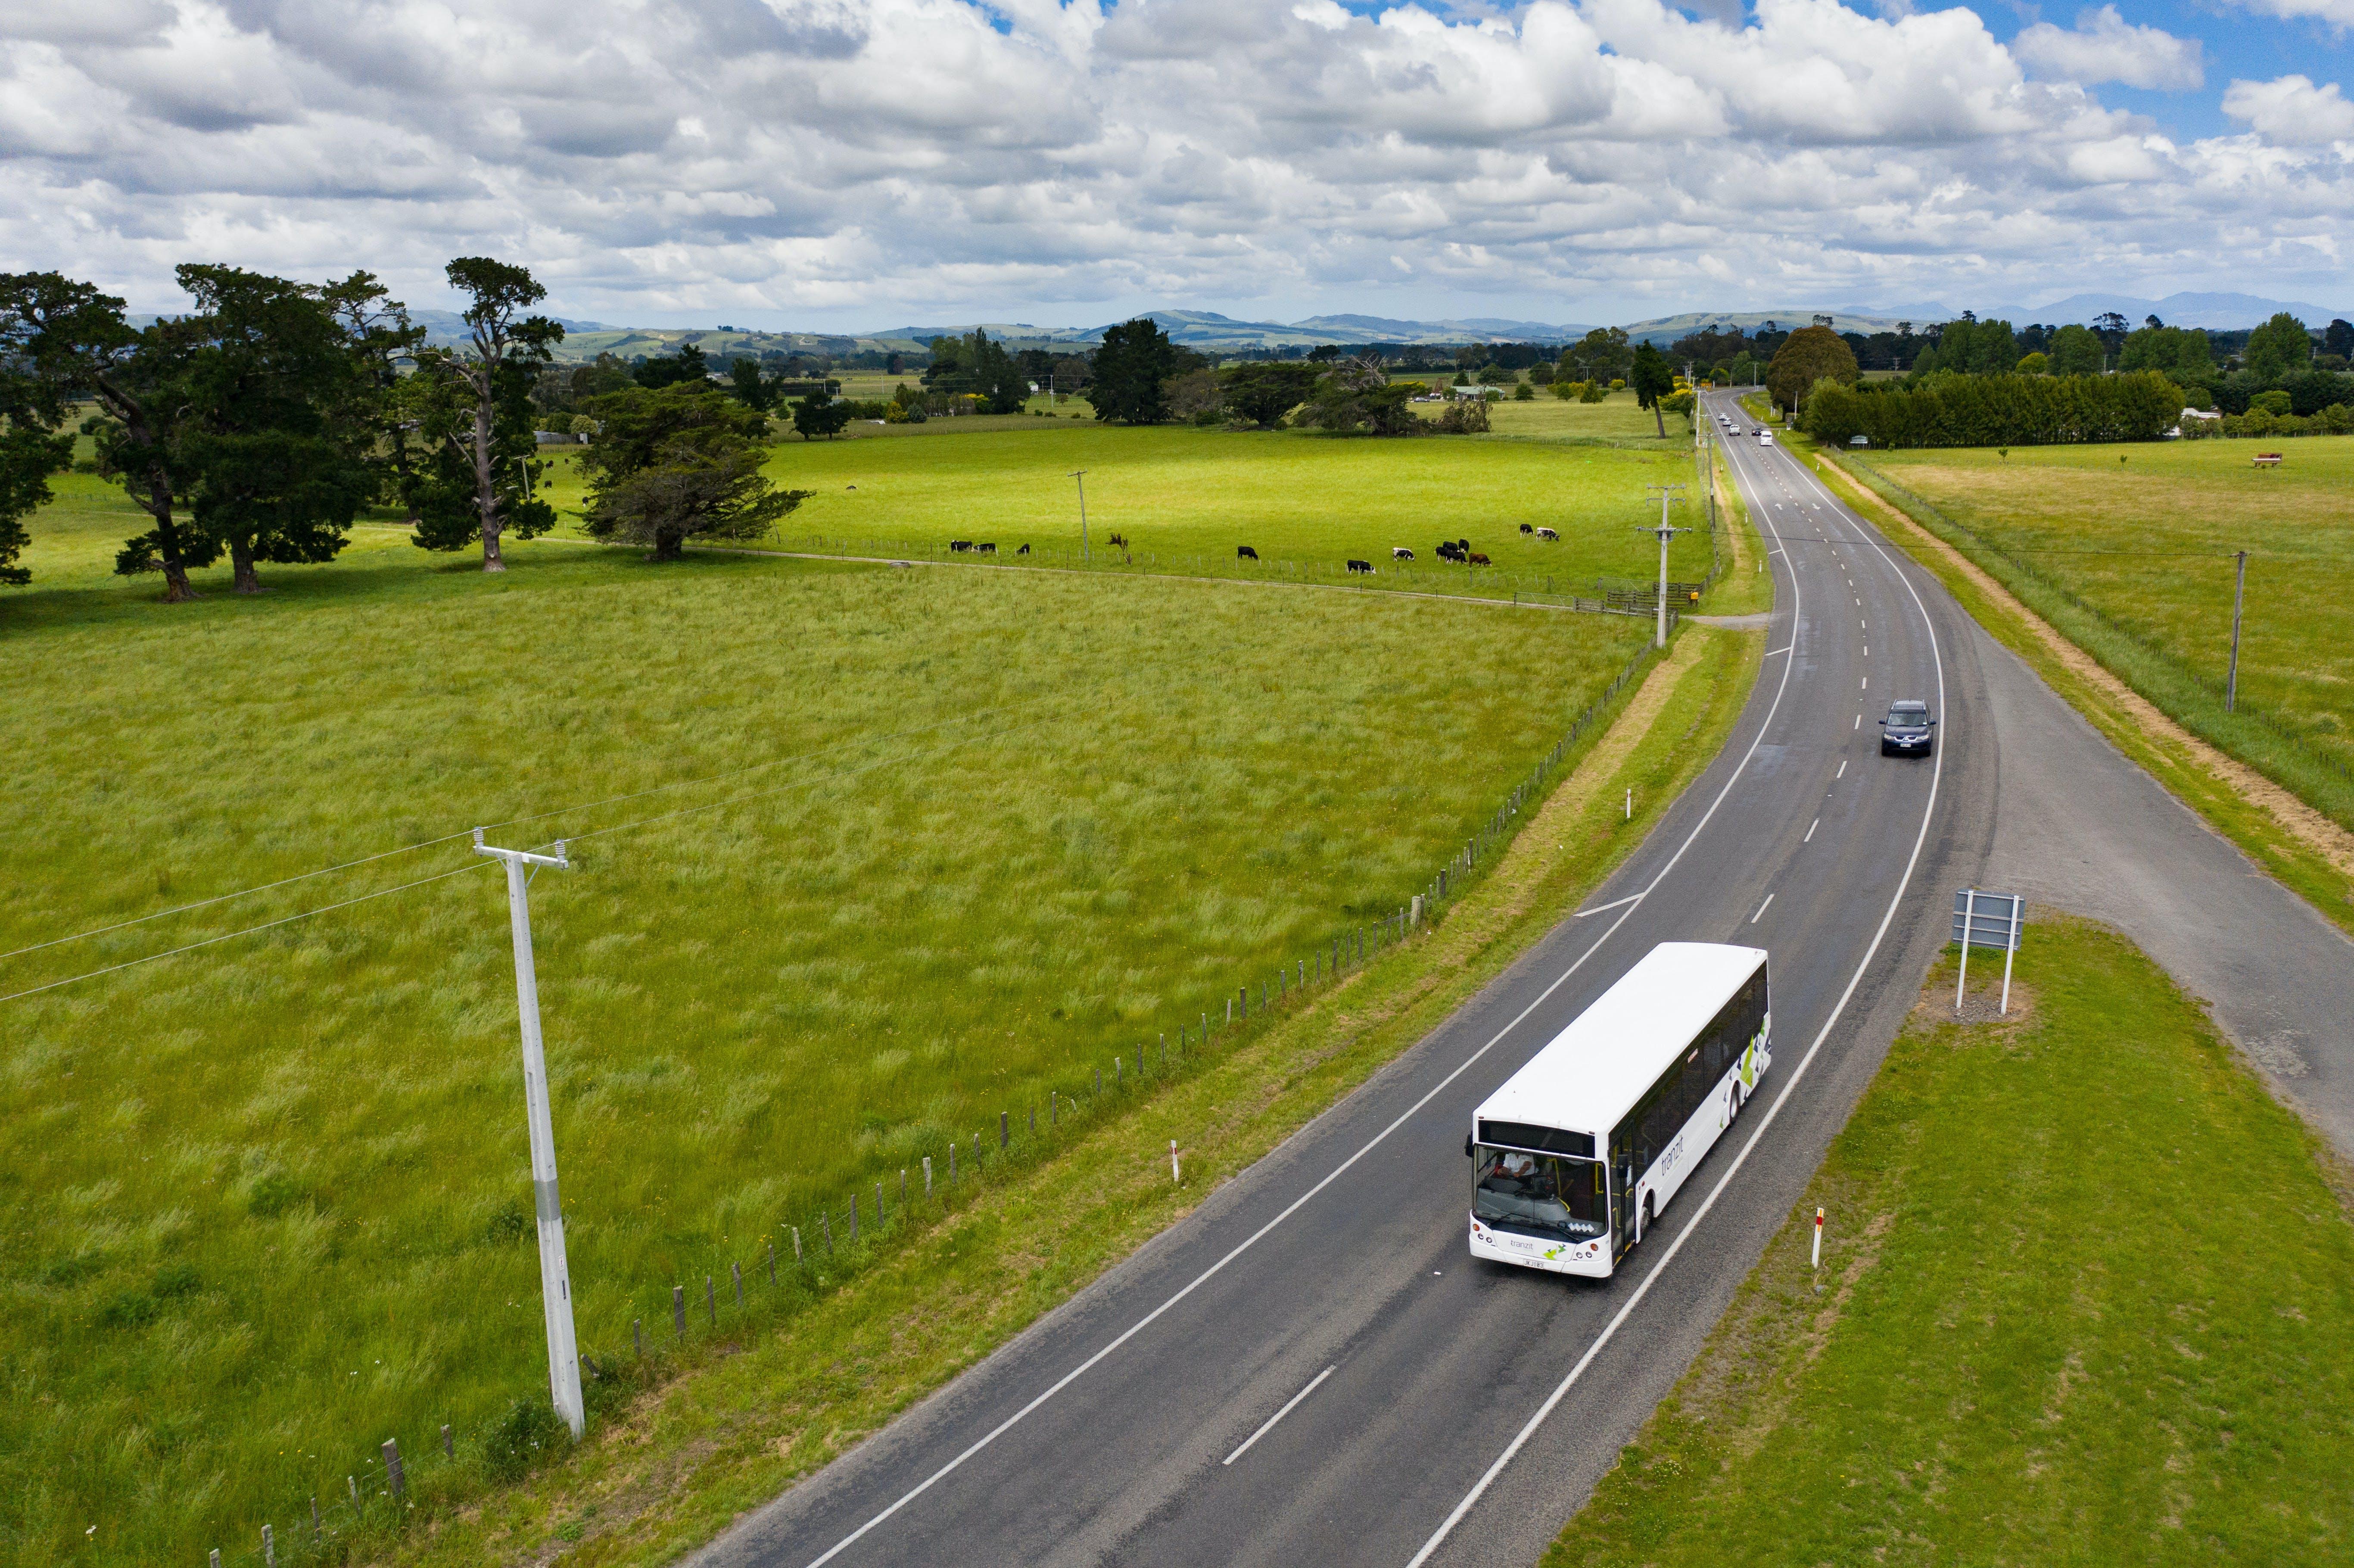 Wairarapa bus and car